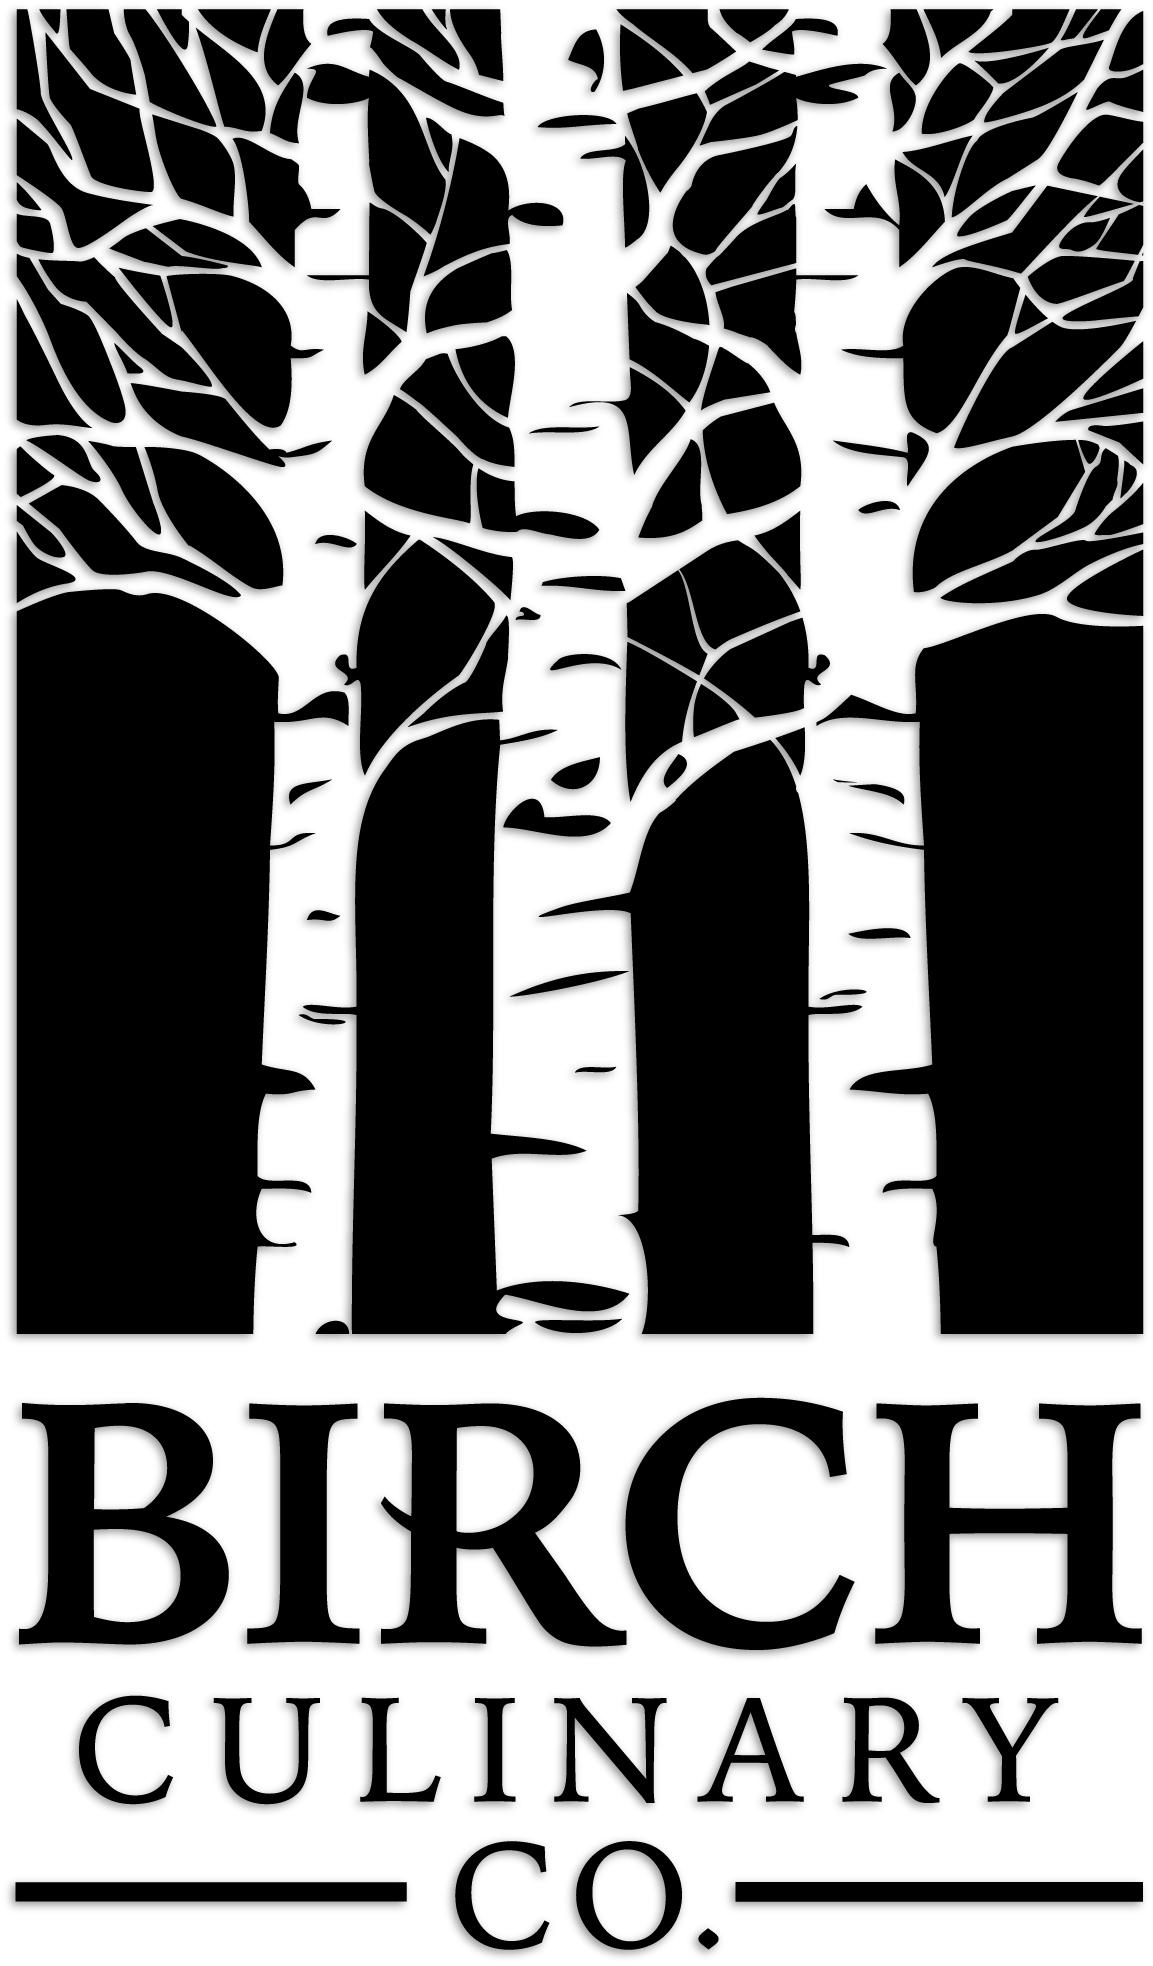 Birch Culinary Co